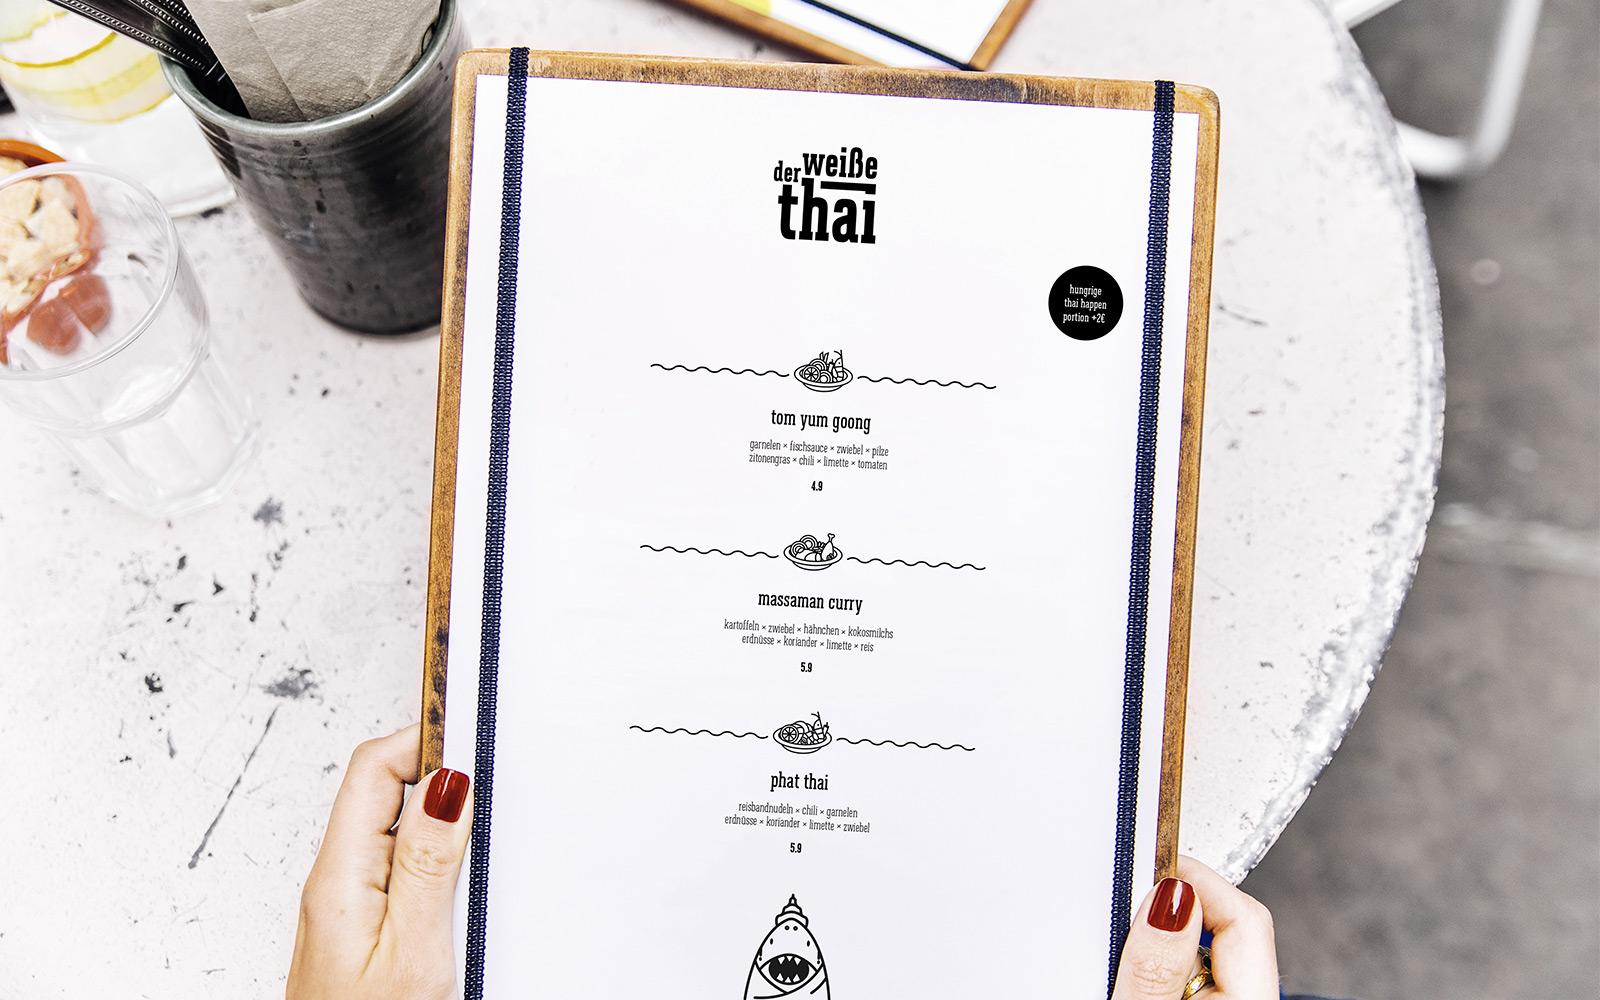 Der weiße Thai – Speisekarte